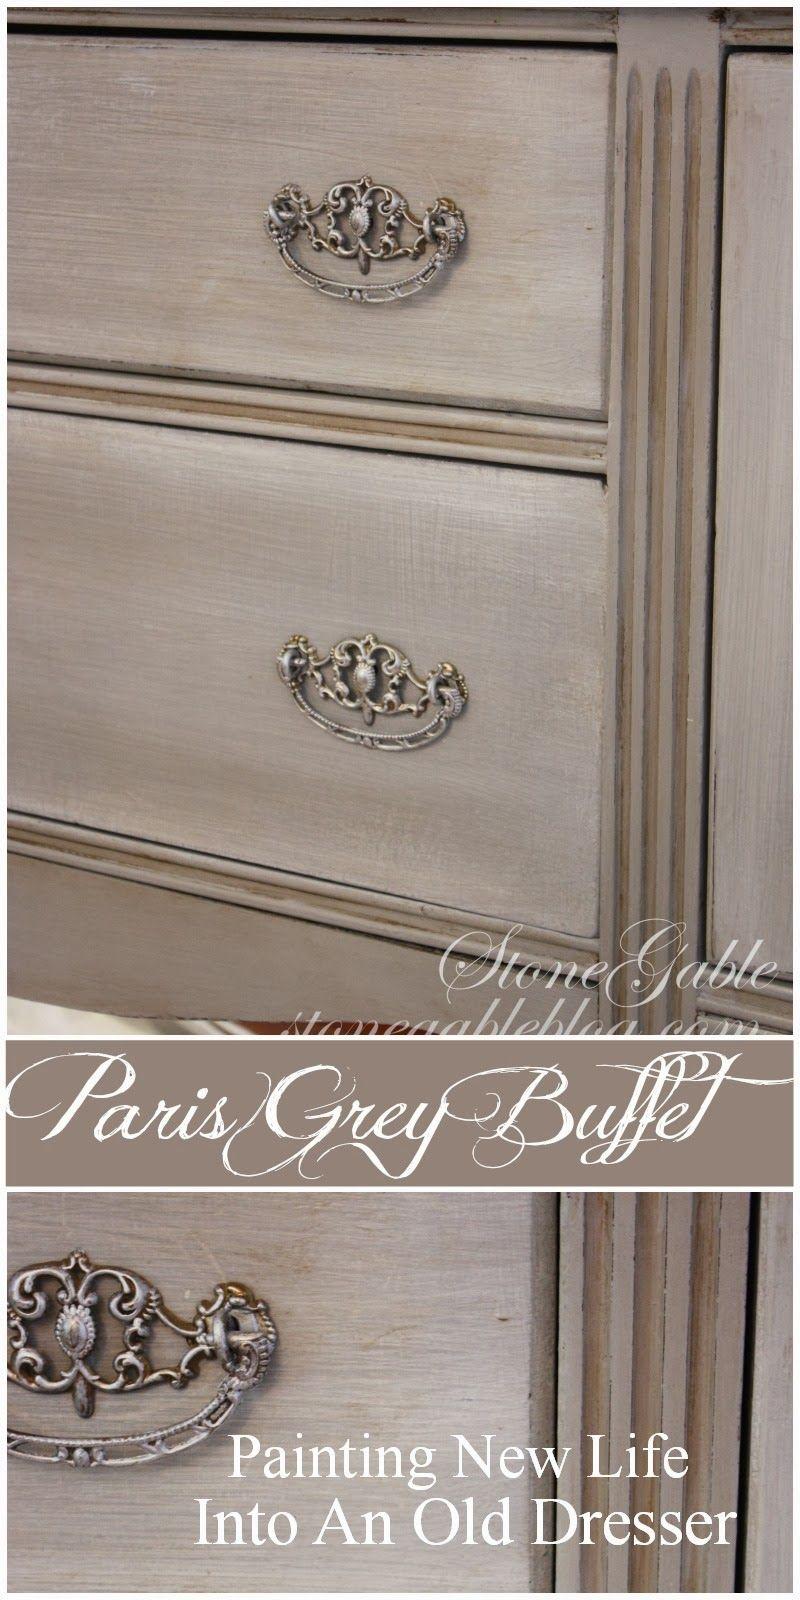 Paris Grey Buffet Avec Images Meuble Peindre Des Meubles Anciens Finition De Meubles